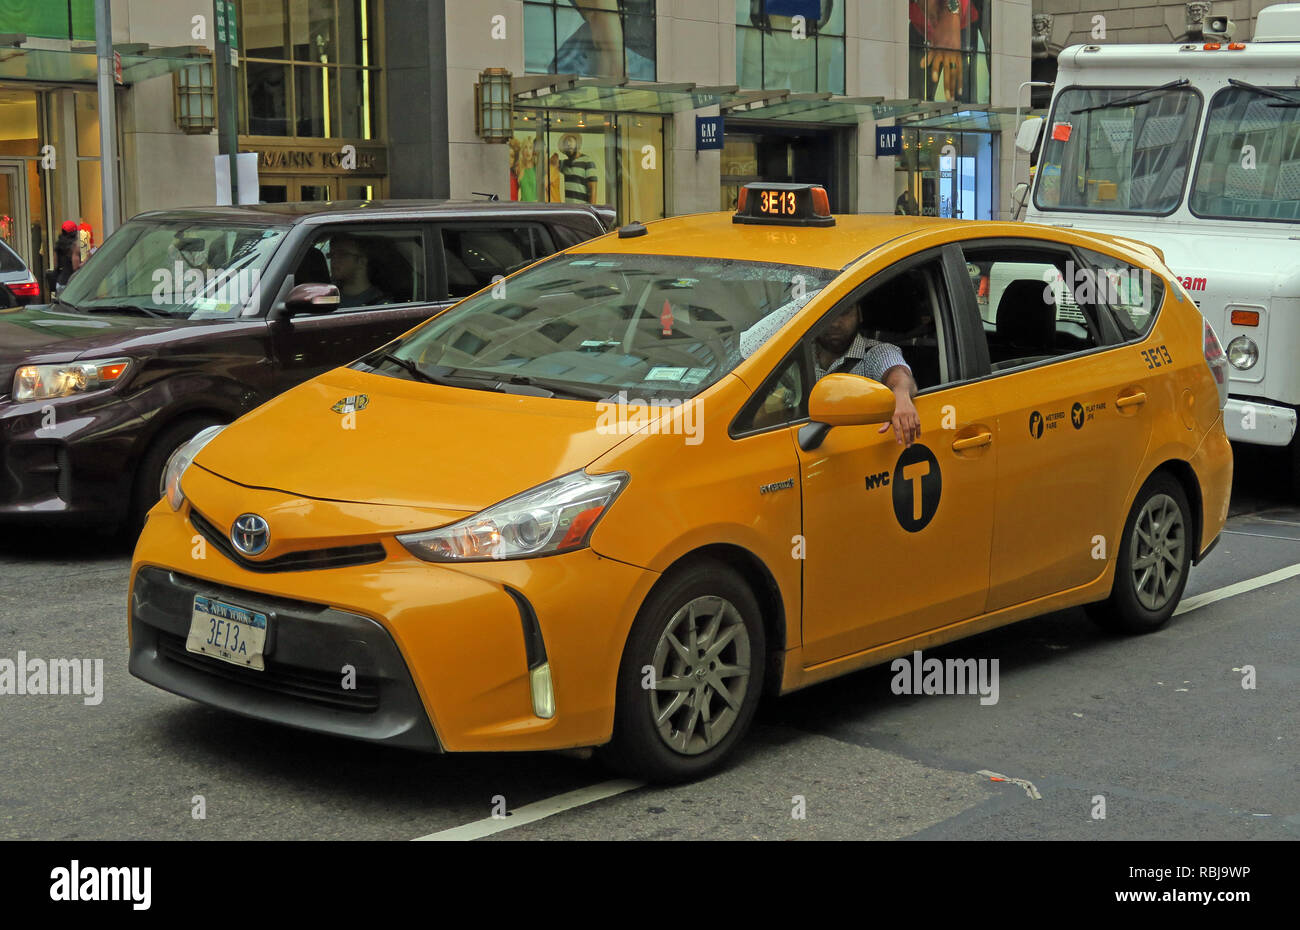 @HotpixUK,HotpixUK,GoTonySmith,NYC,City,Centre,City